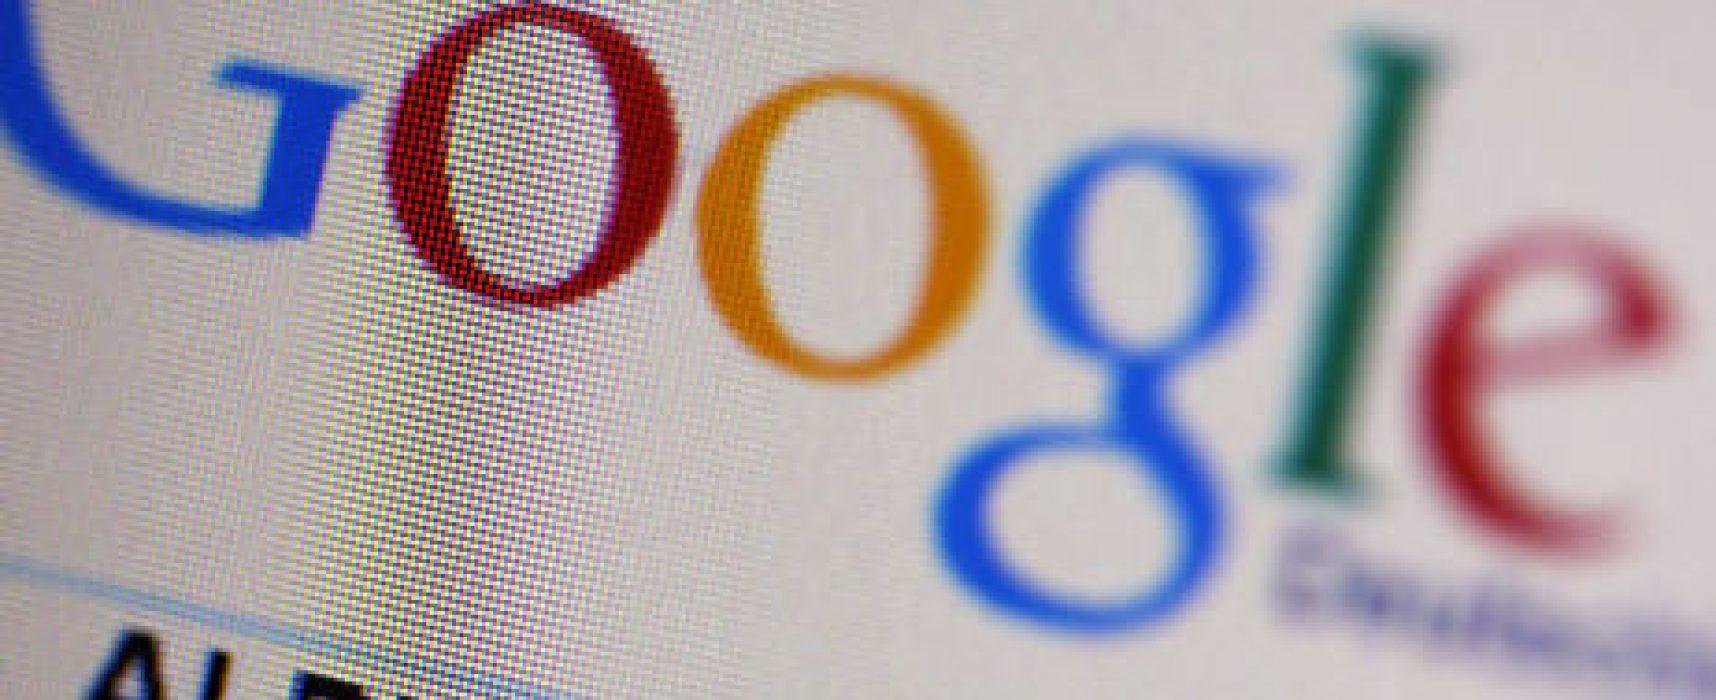 Google News возобновил выдачу новостей агентства ФАН, связанного с «фабрикой троллей»